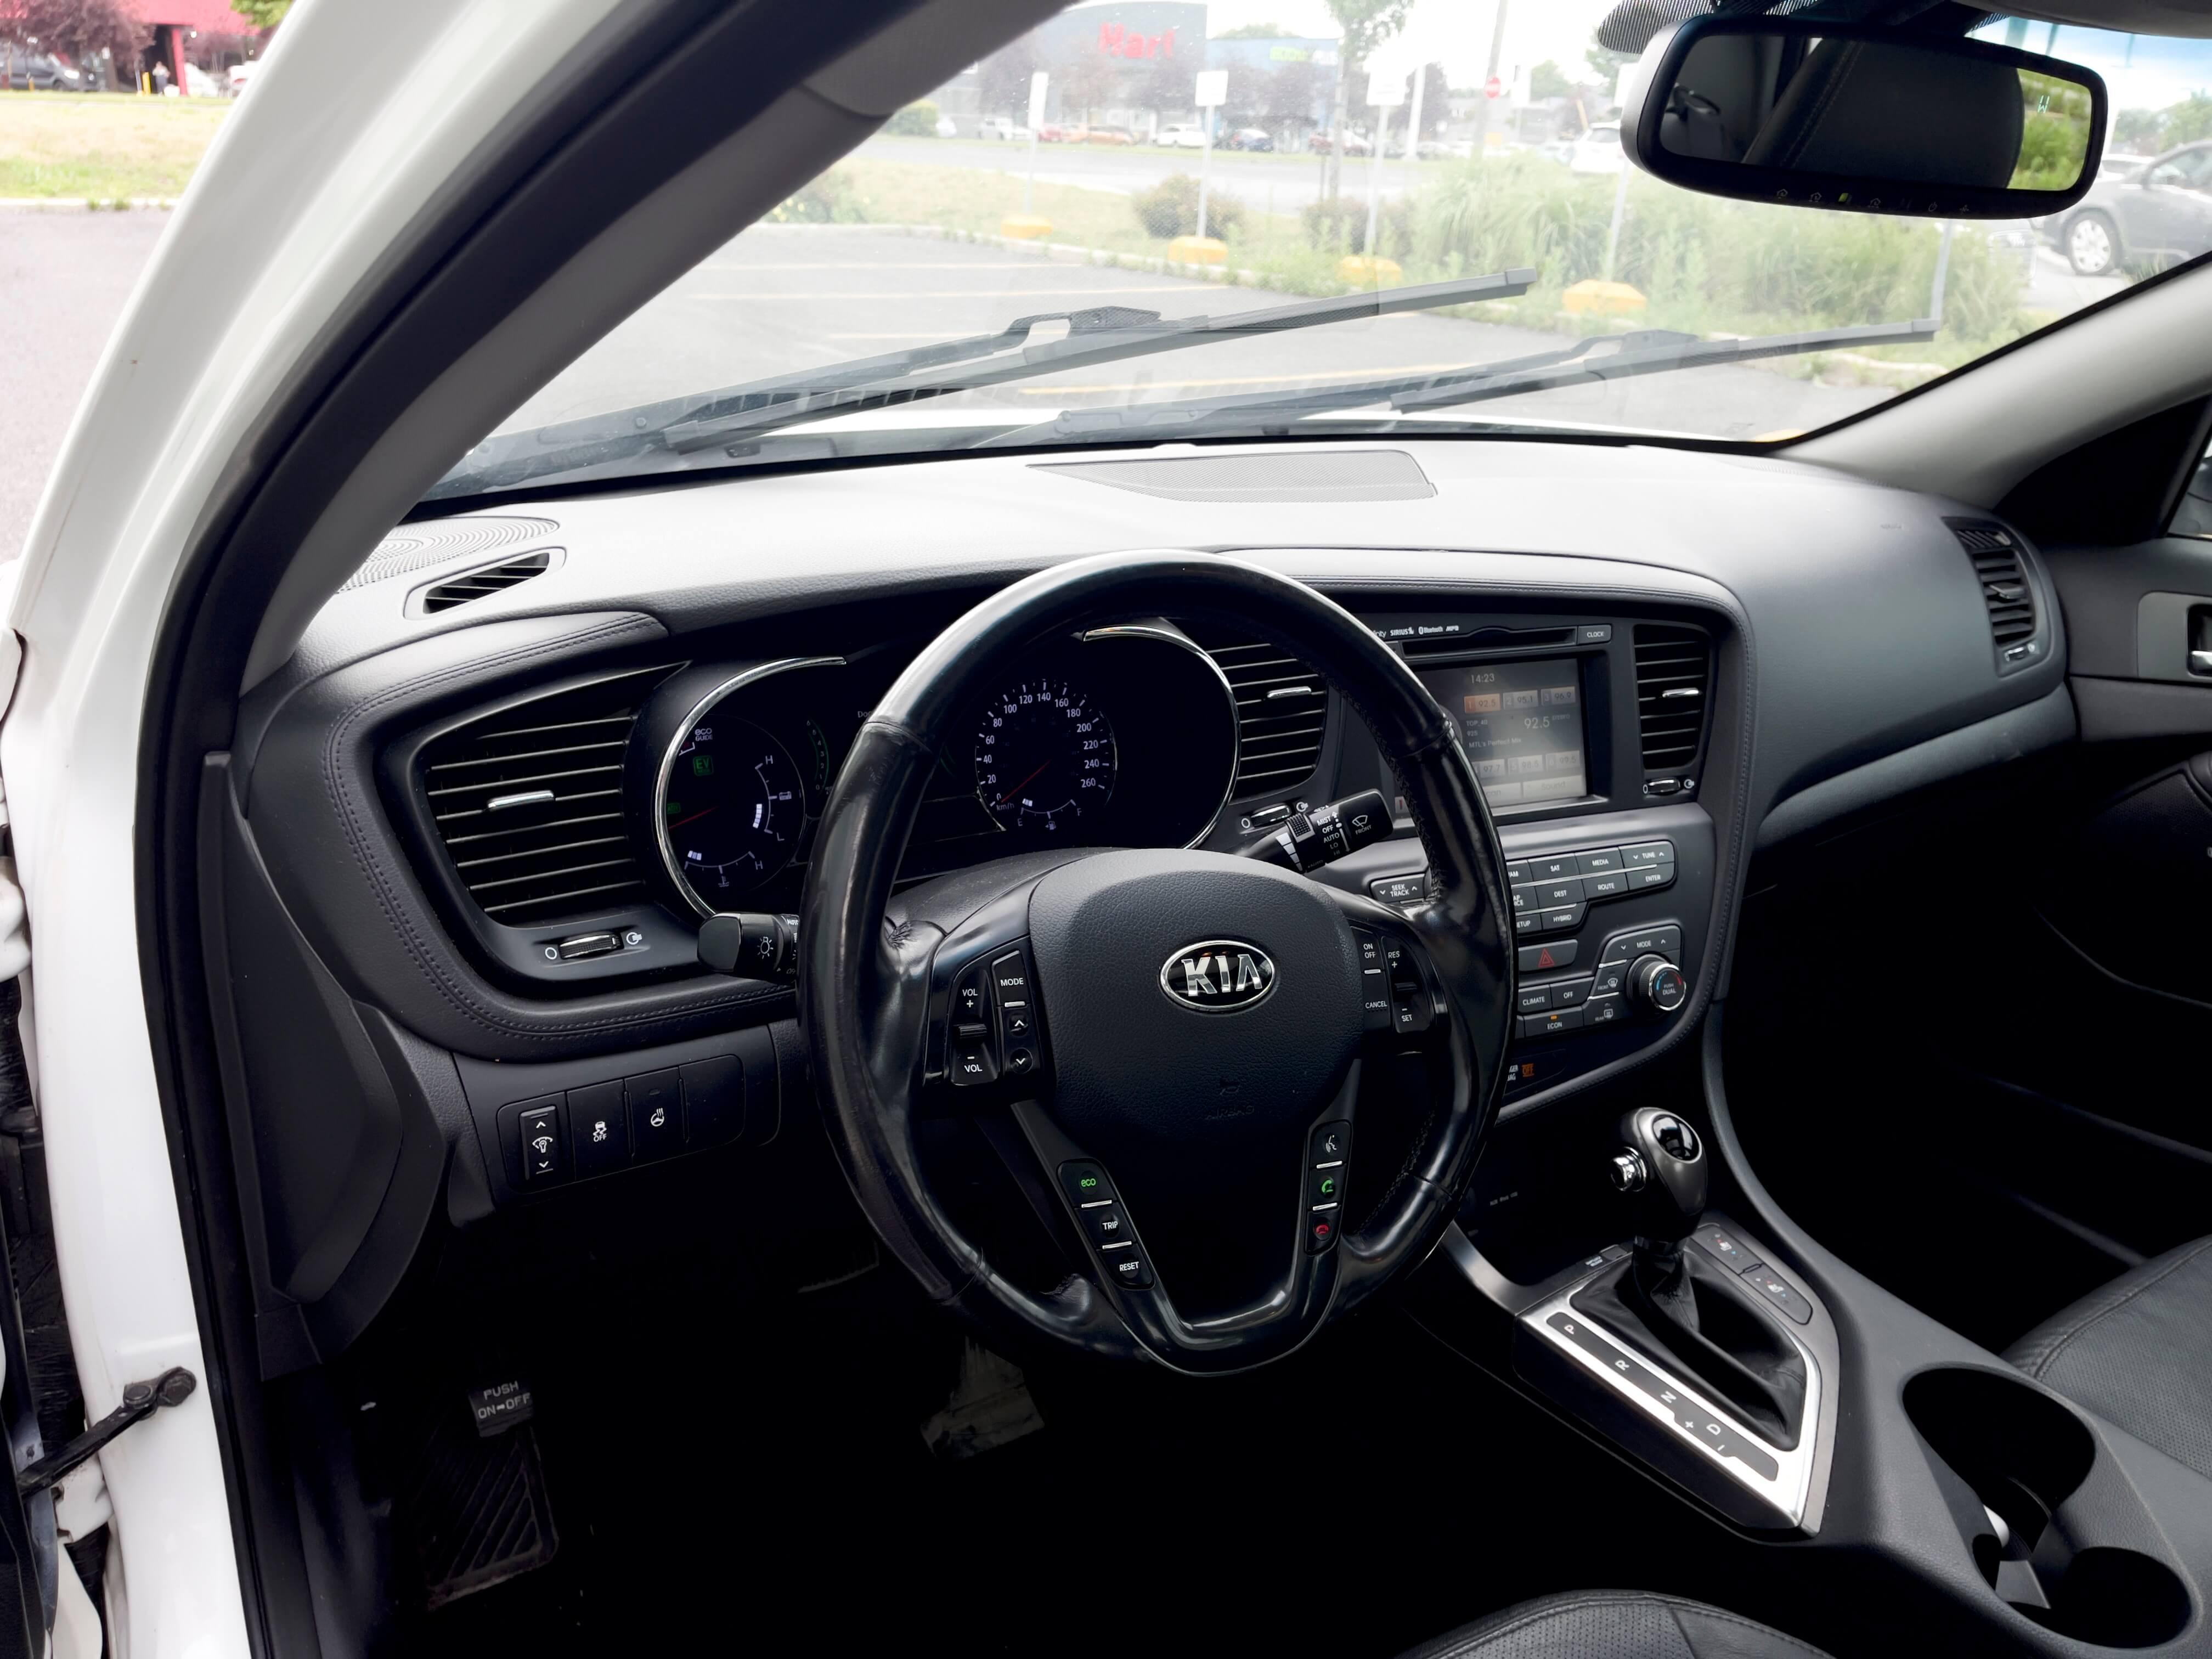 2013 Kia Optima Hybrid EX complet